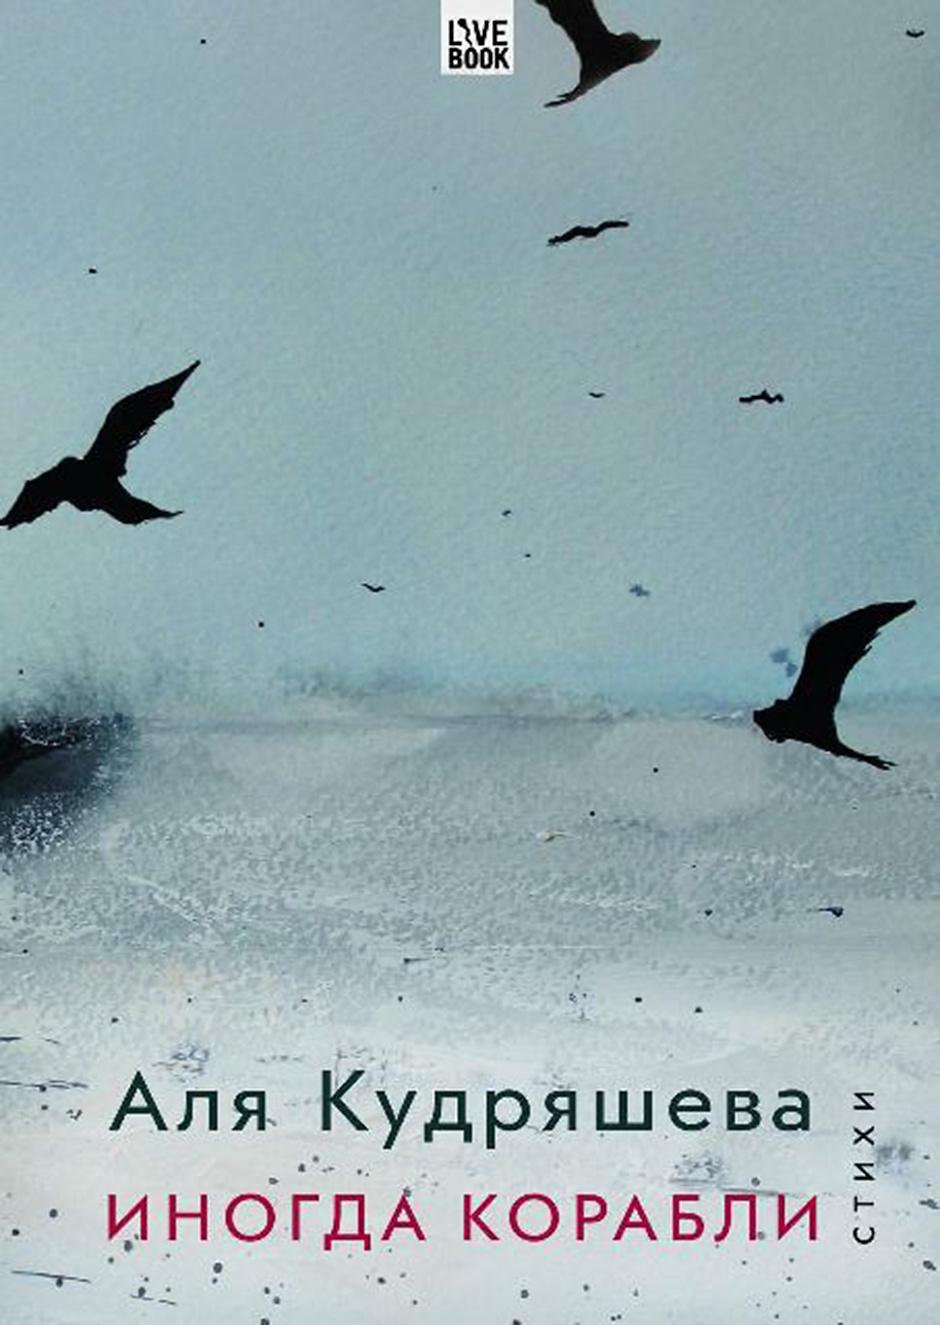 10 книг, которые нужно прочитать этой зимой